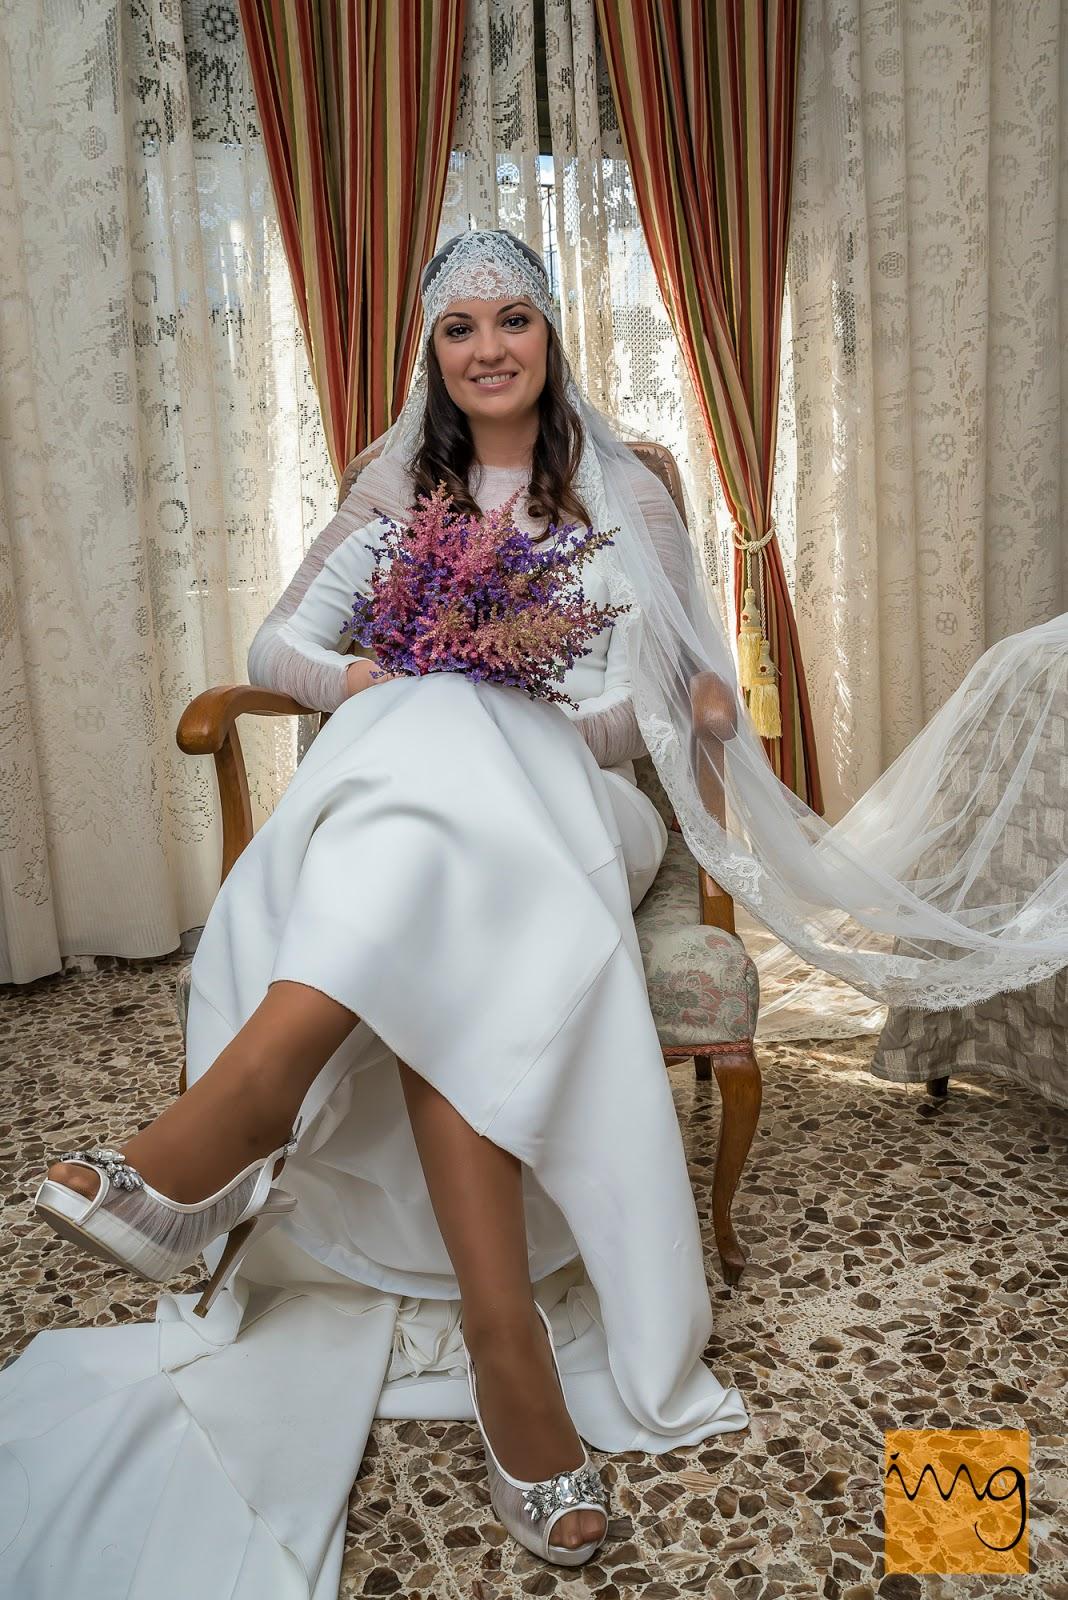 Fotografía de boda en los preparativos